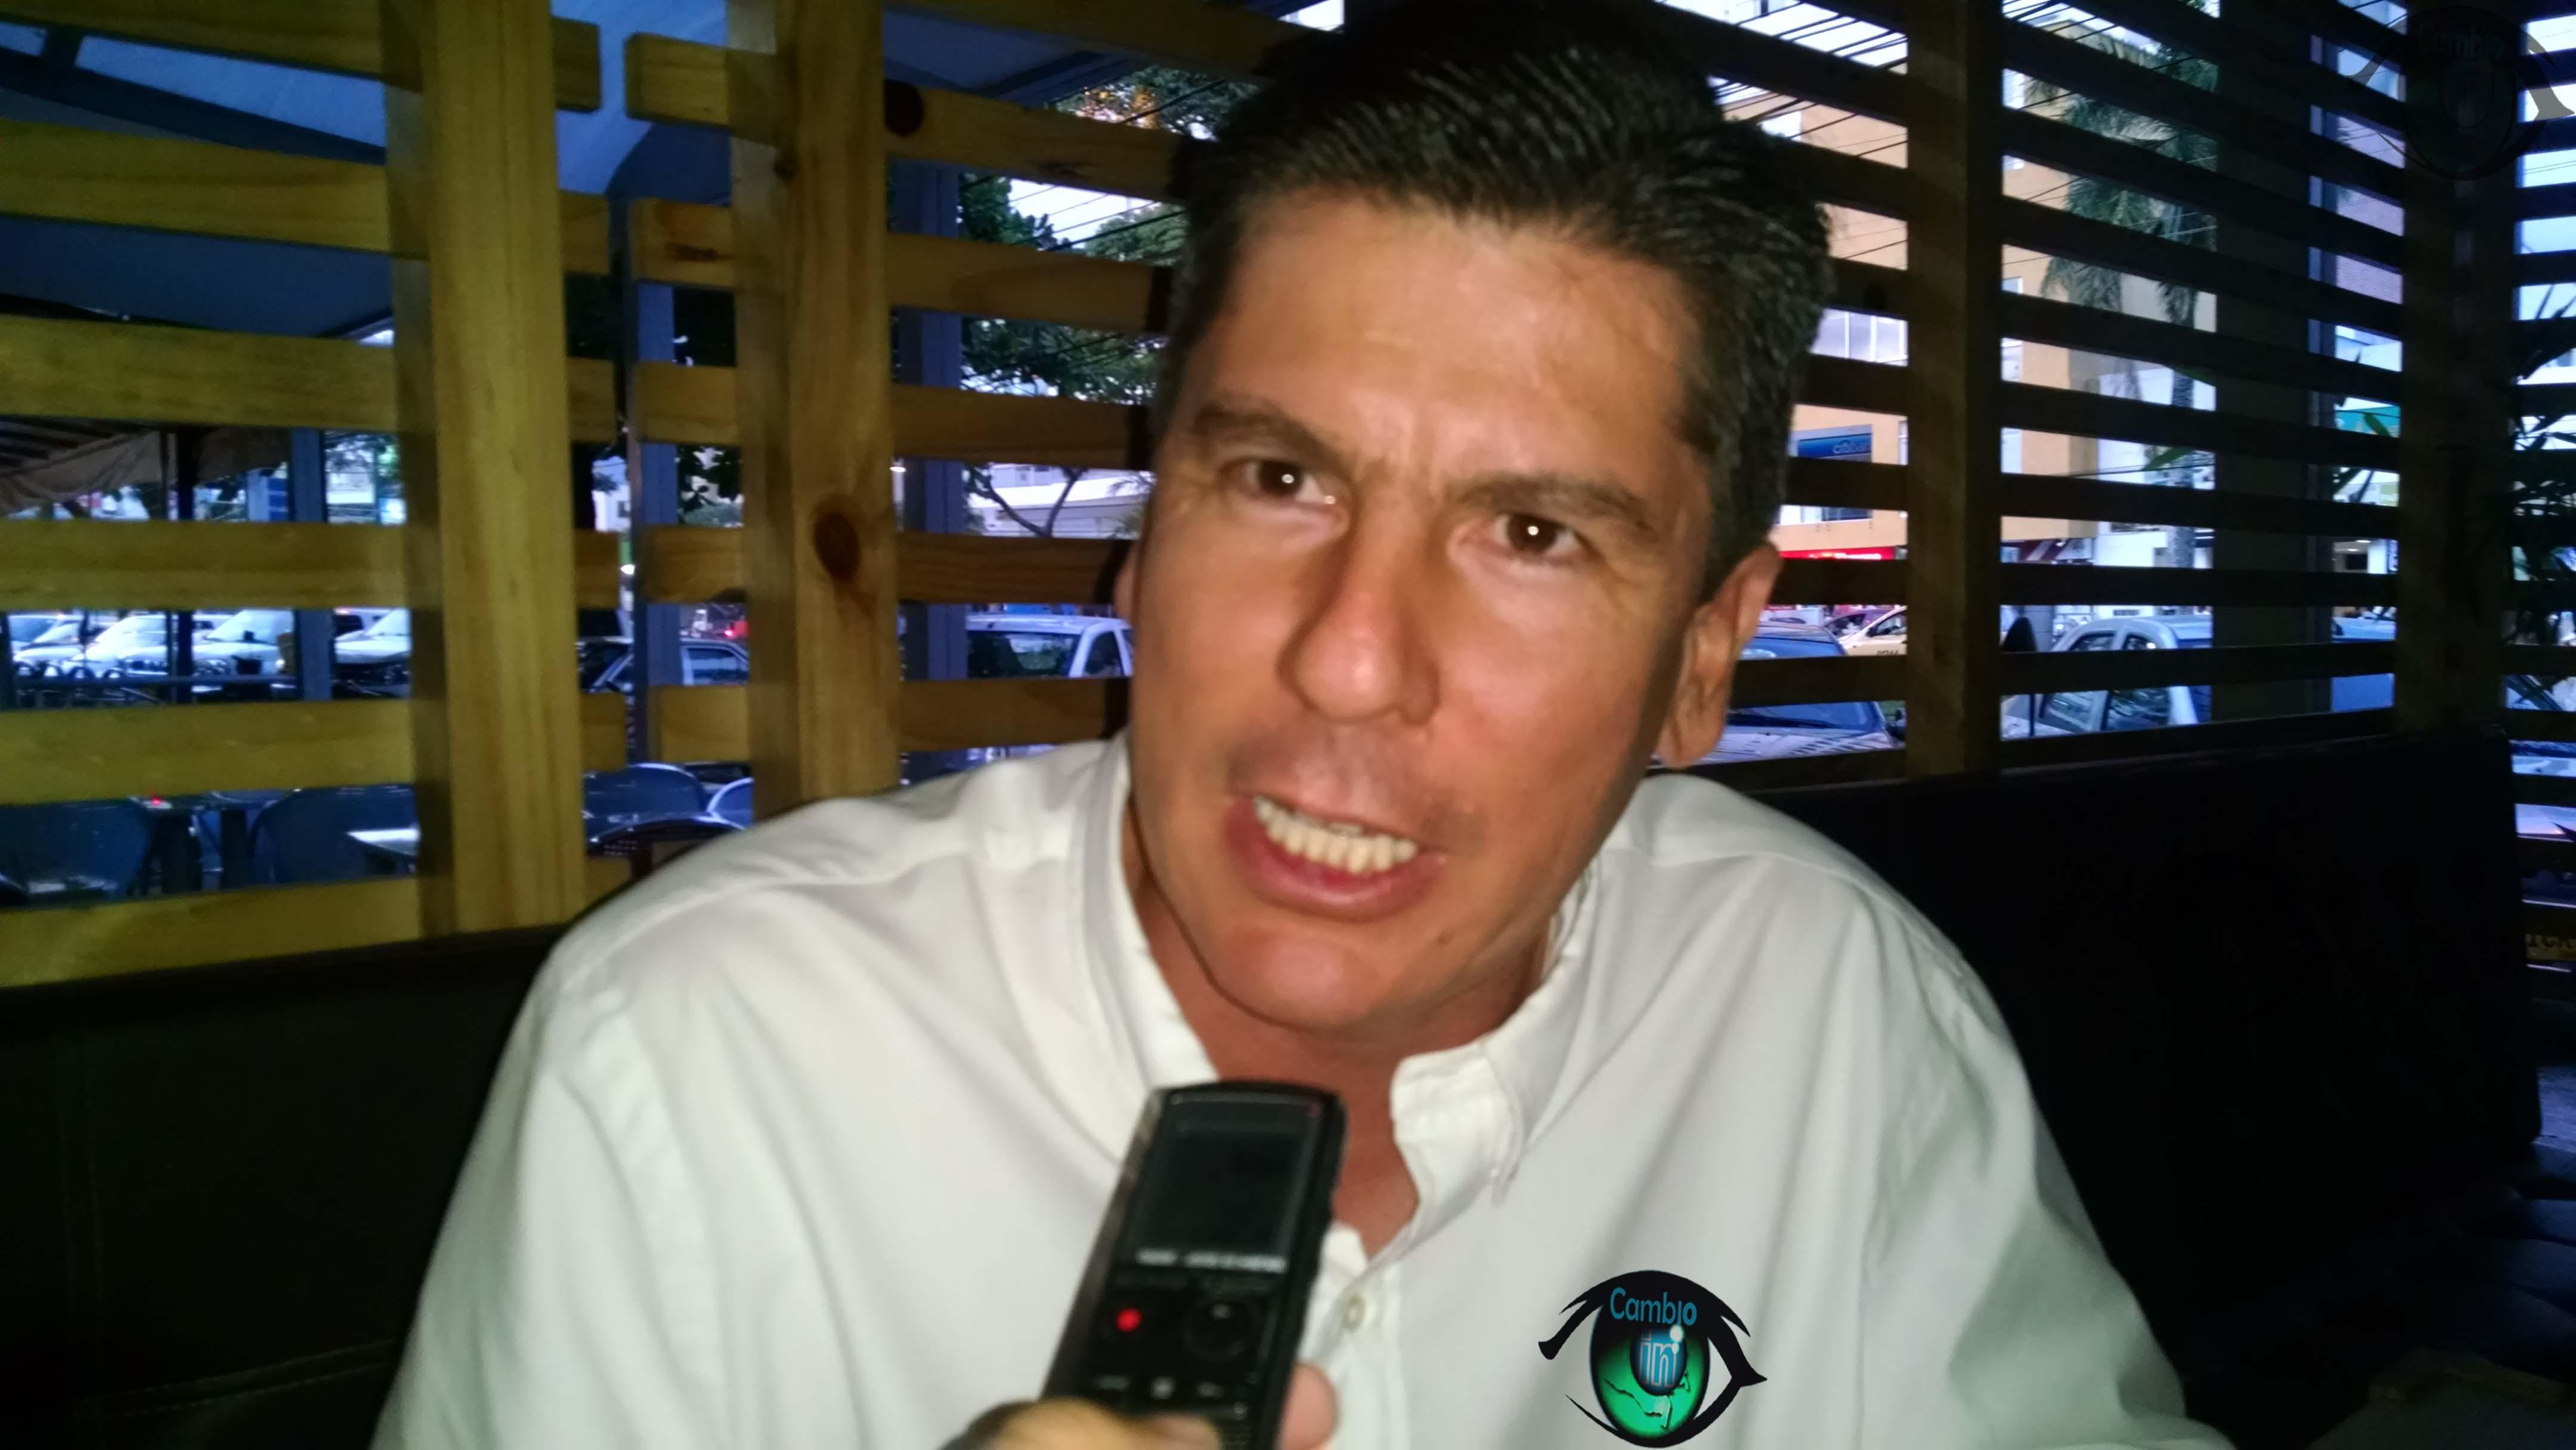 El disgusto de la gente con el alcalde Luis H, disparó la campaña de Ferro